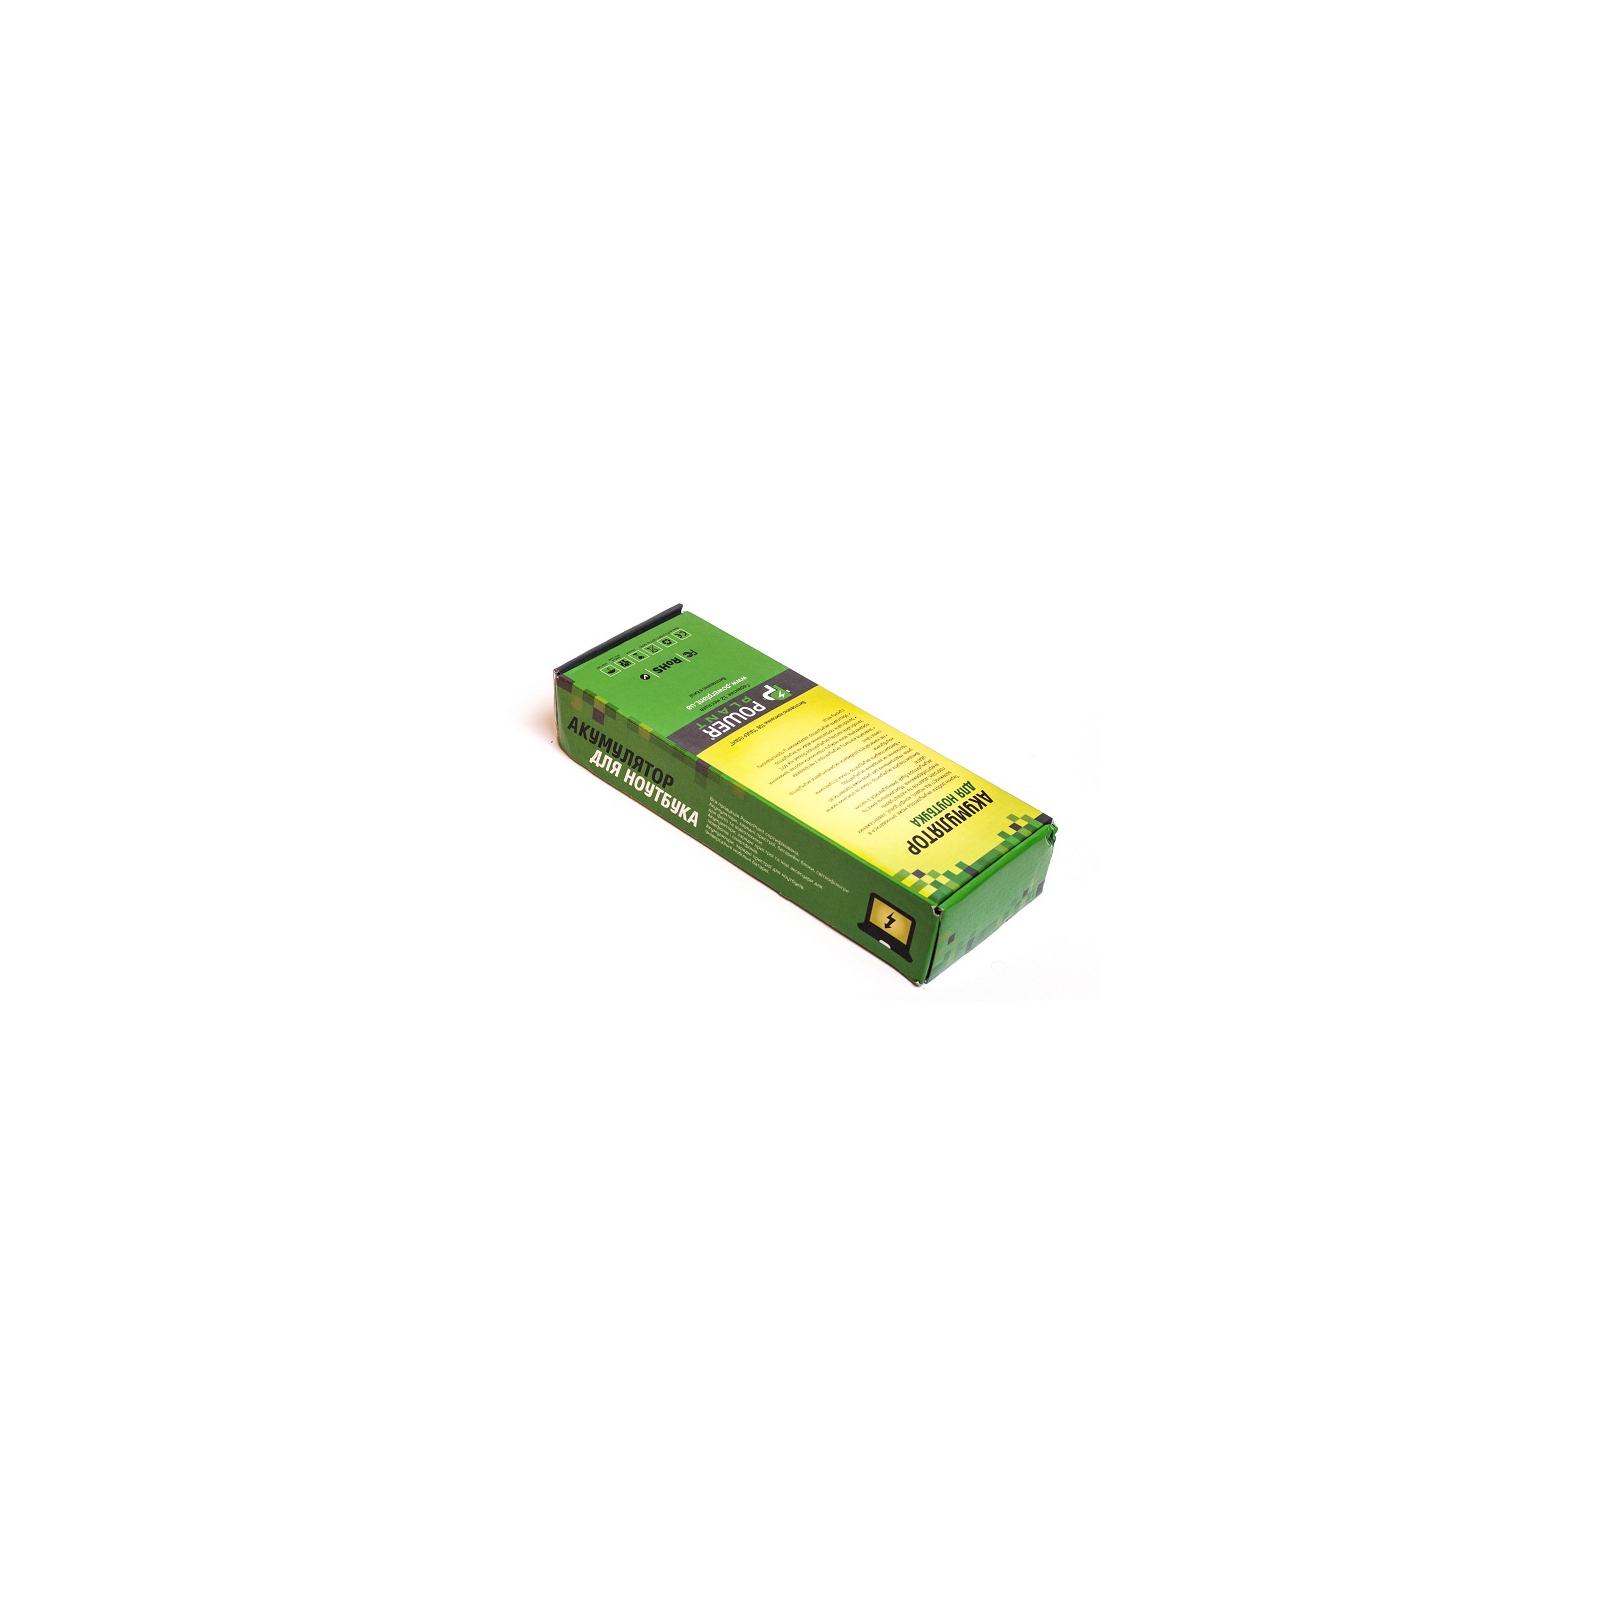 Аккумулятор для ноутбука ACER TravelMate C300 (BTP-63D1 AC-63D1-8) 14.8V 4400mAh PowerPlant (NB00000168) изображение 2